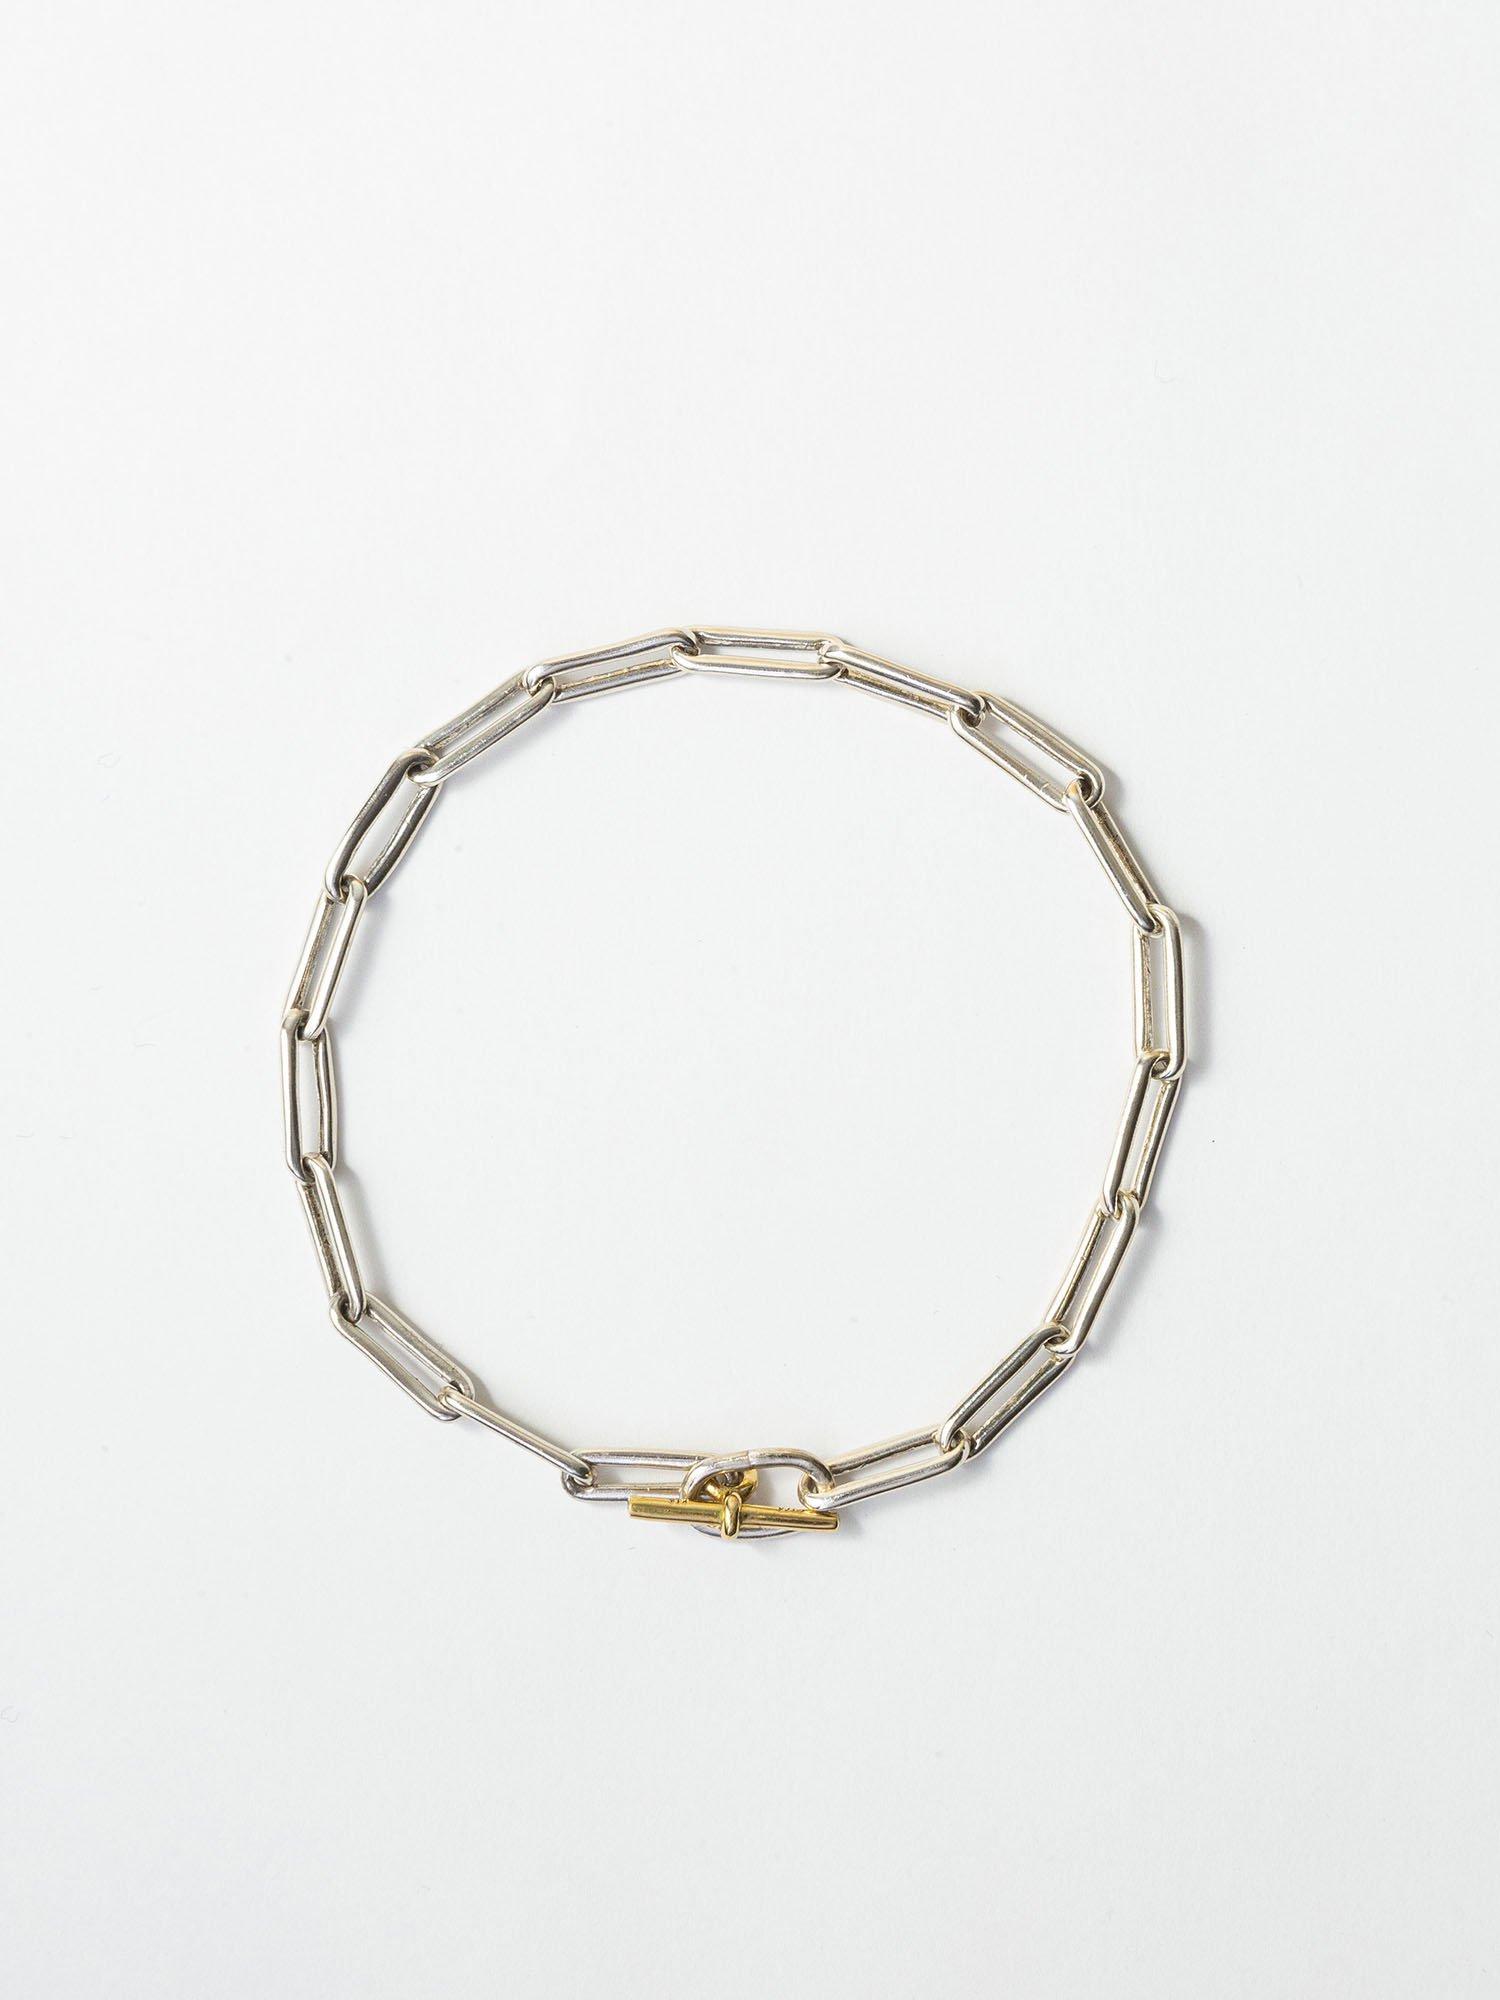 ARTEMIS / boned chain bracelet / 200mm